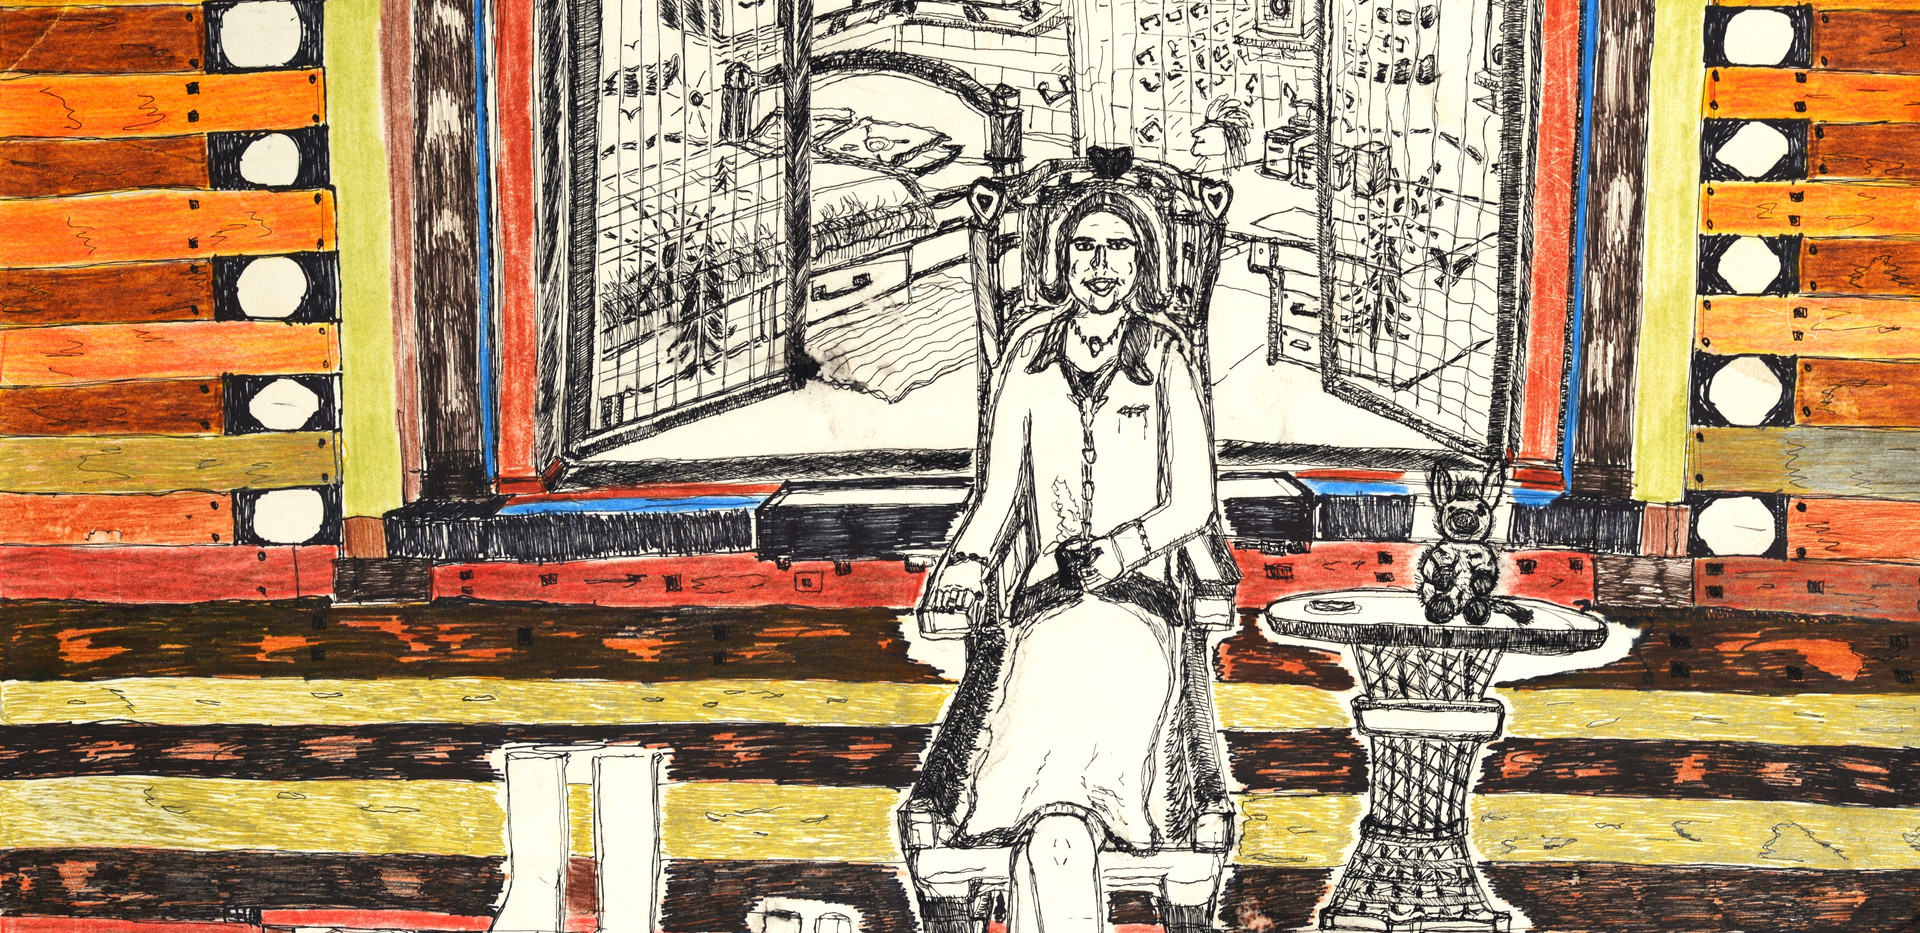 Véronique devant la fenêtre, 2011